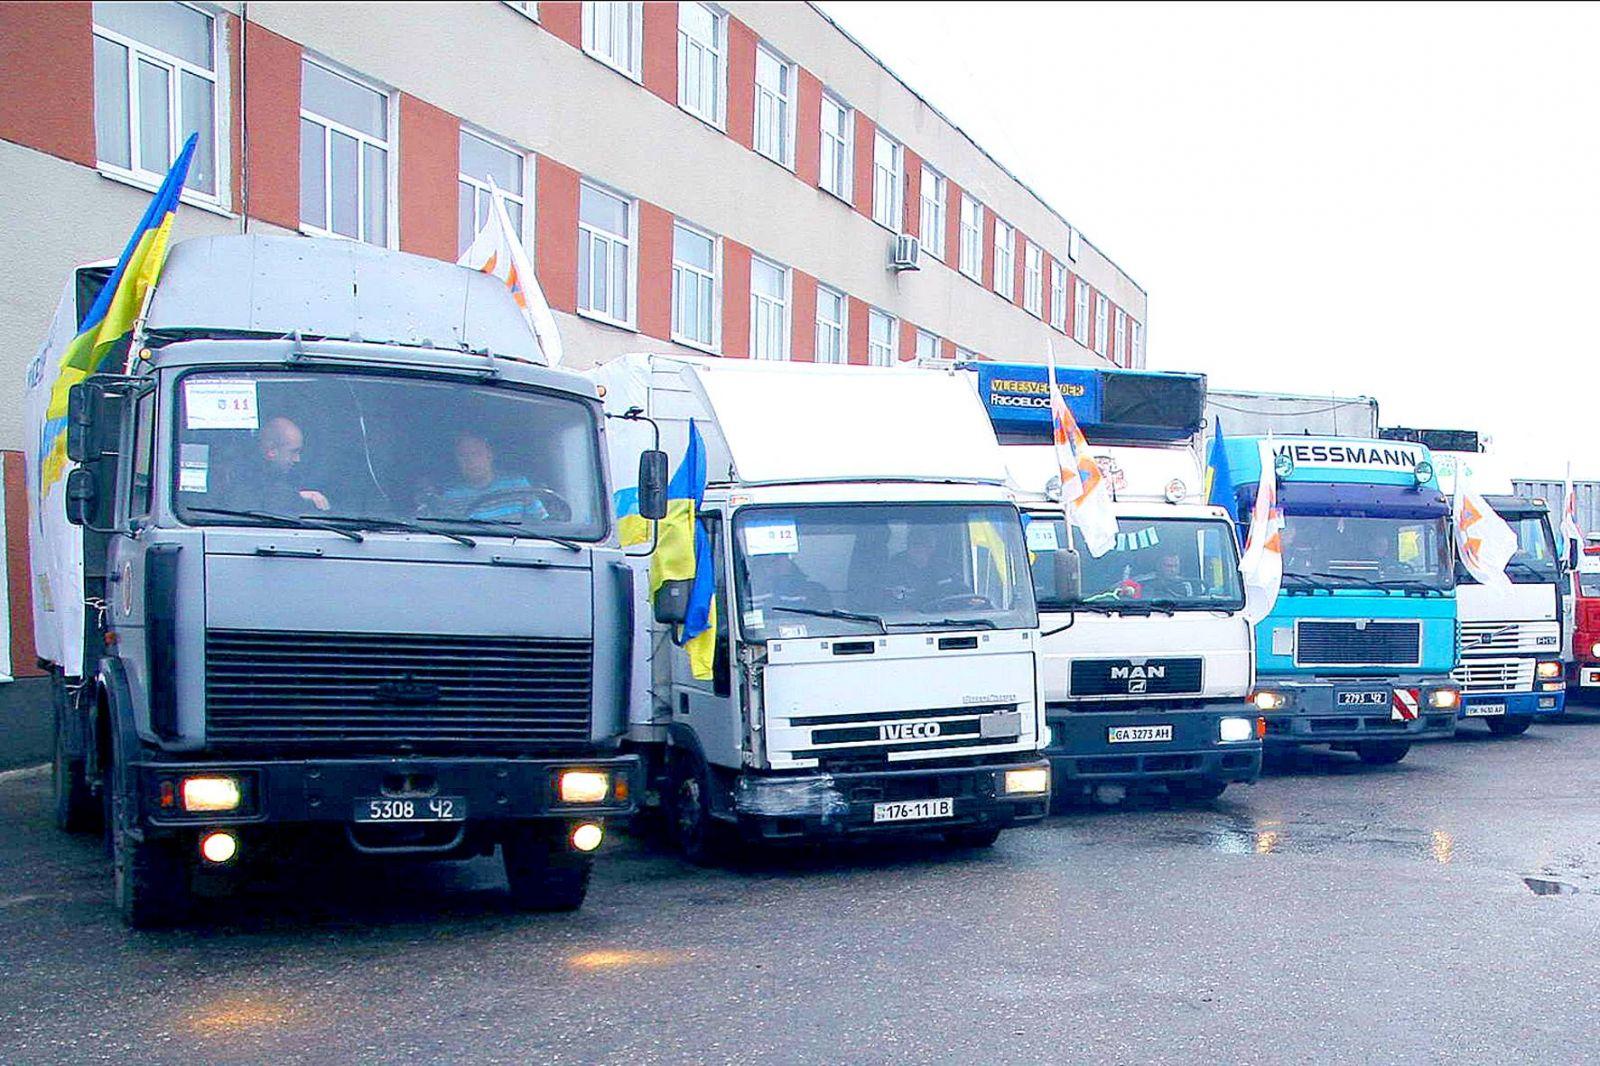 Гуманитарную помощь для жителей Донбасса собрали благотворительные и волонтерские организации, фермы. Фото пресс-службы ГСЧС